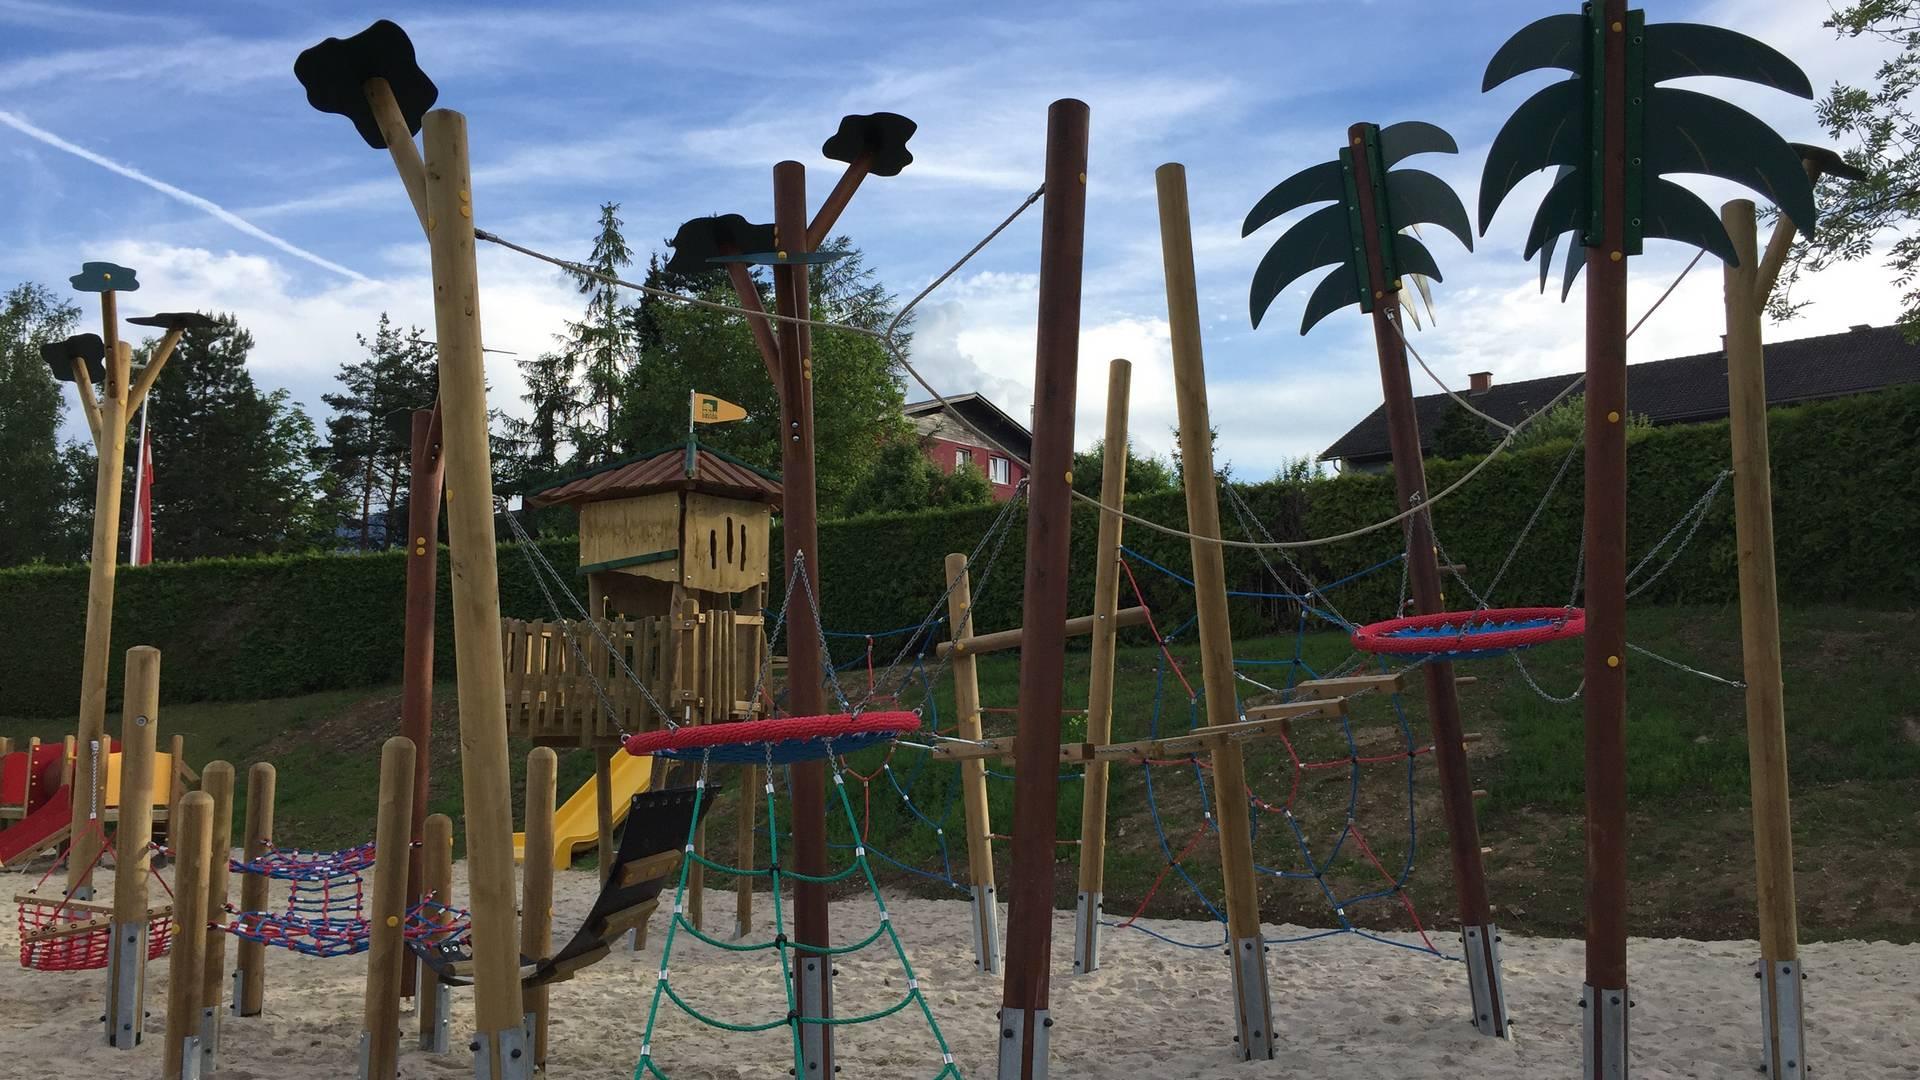 Spielplatz am Camping Breznik